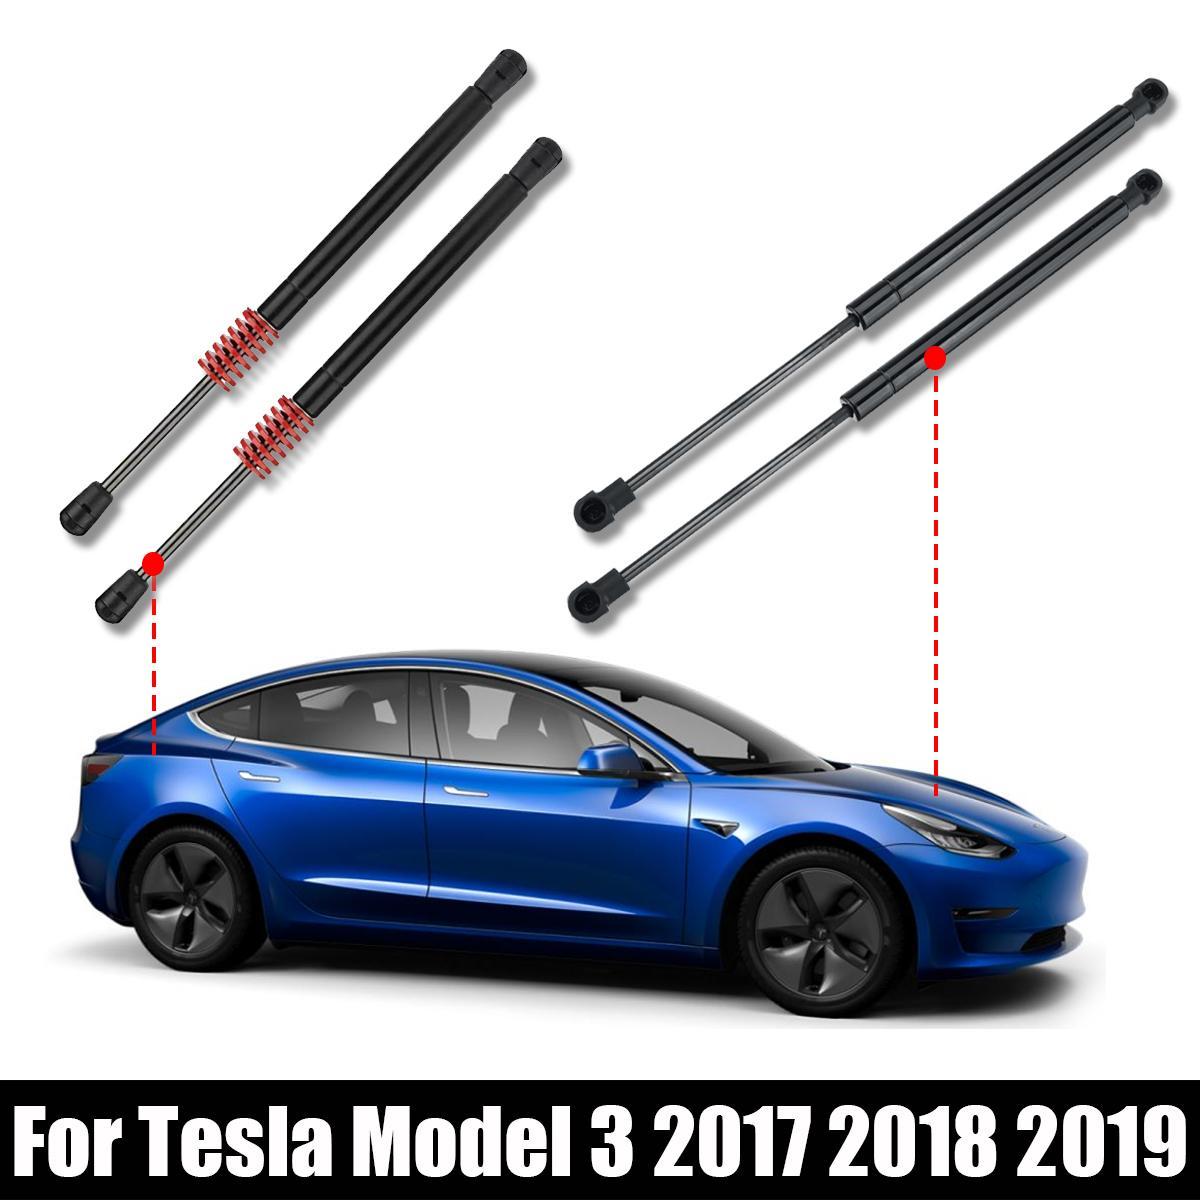 NEUE 2X Vorne/Hinten Stamm Schwanz Tor Heckklappe Boot Gas Spring Shock Lift Streben Unterstützung Für Tesla Modell 3 2017 2018 2019